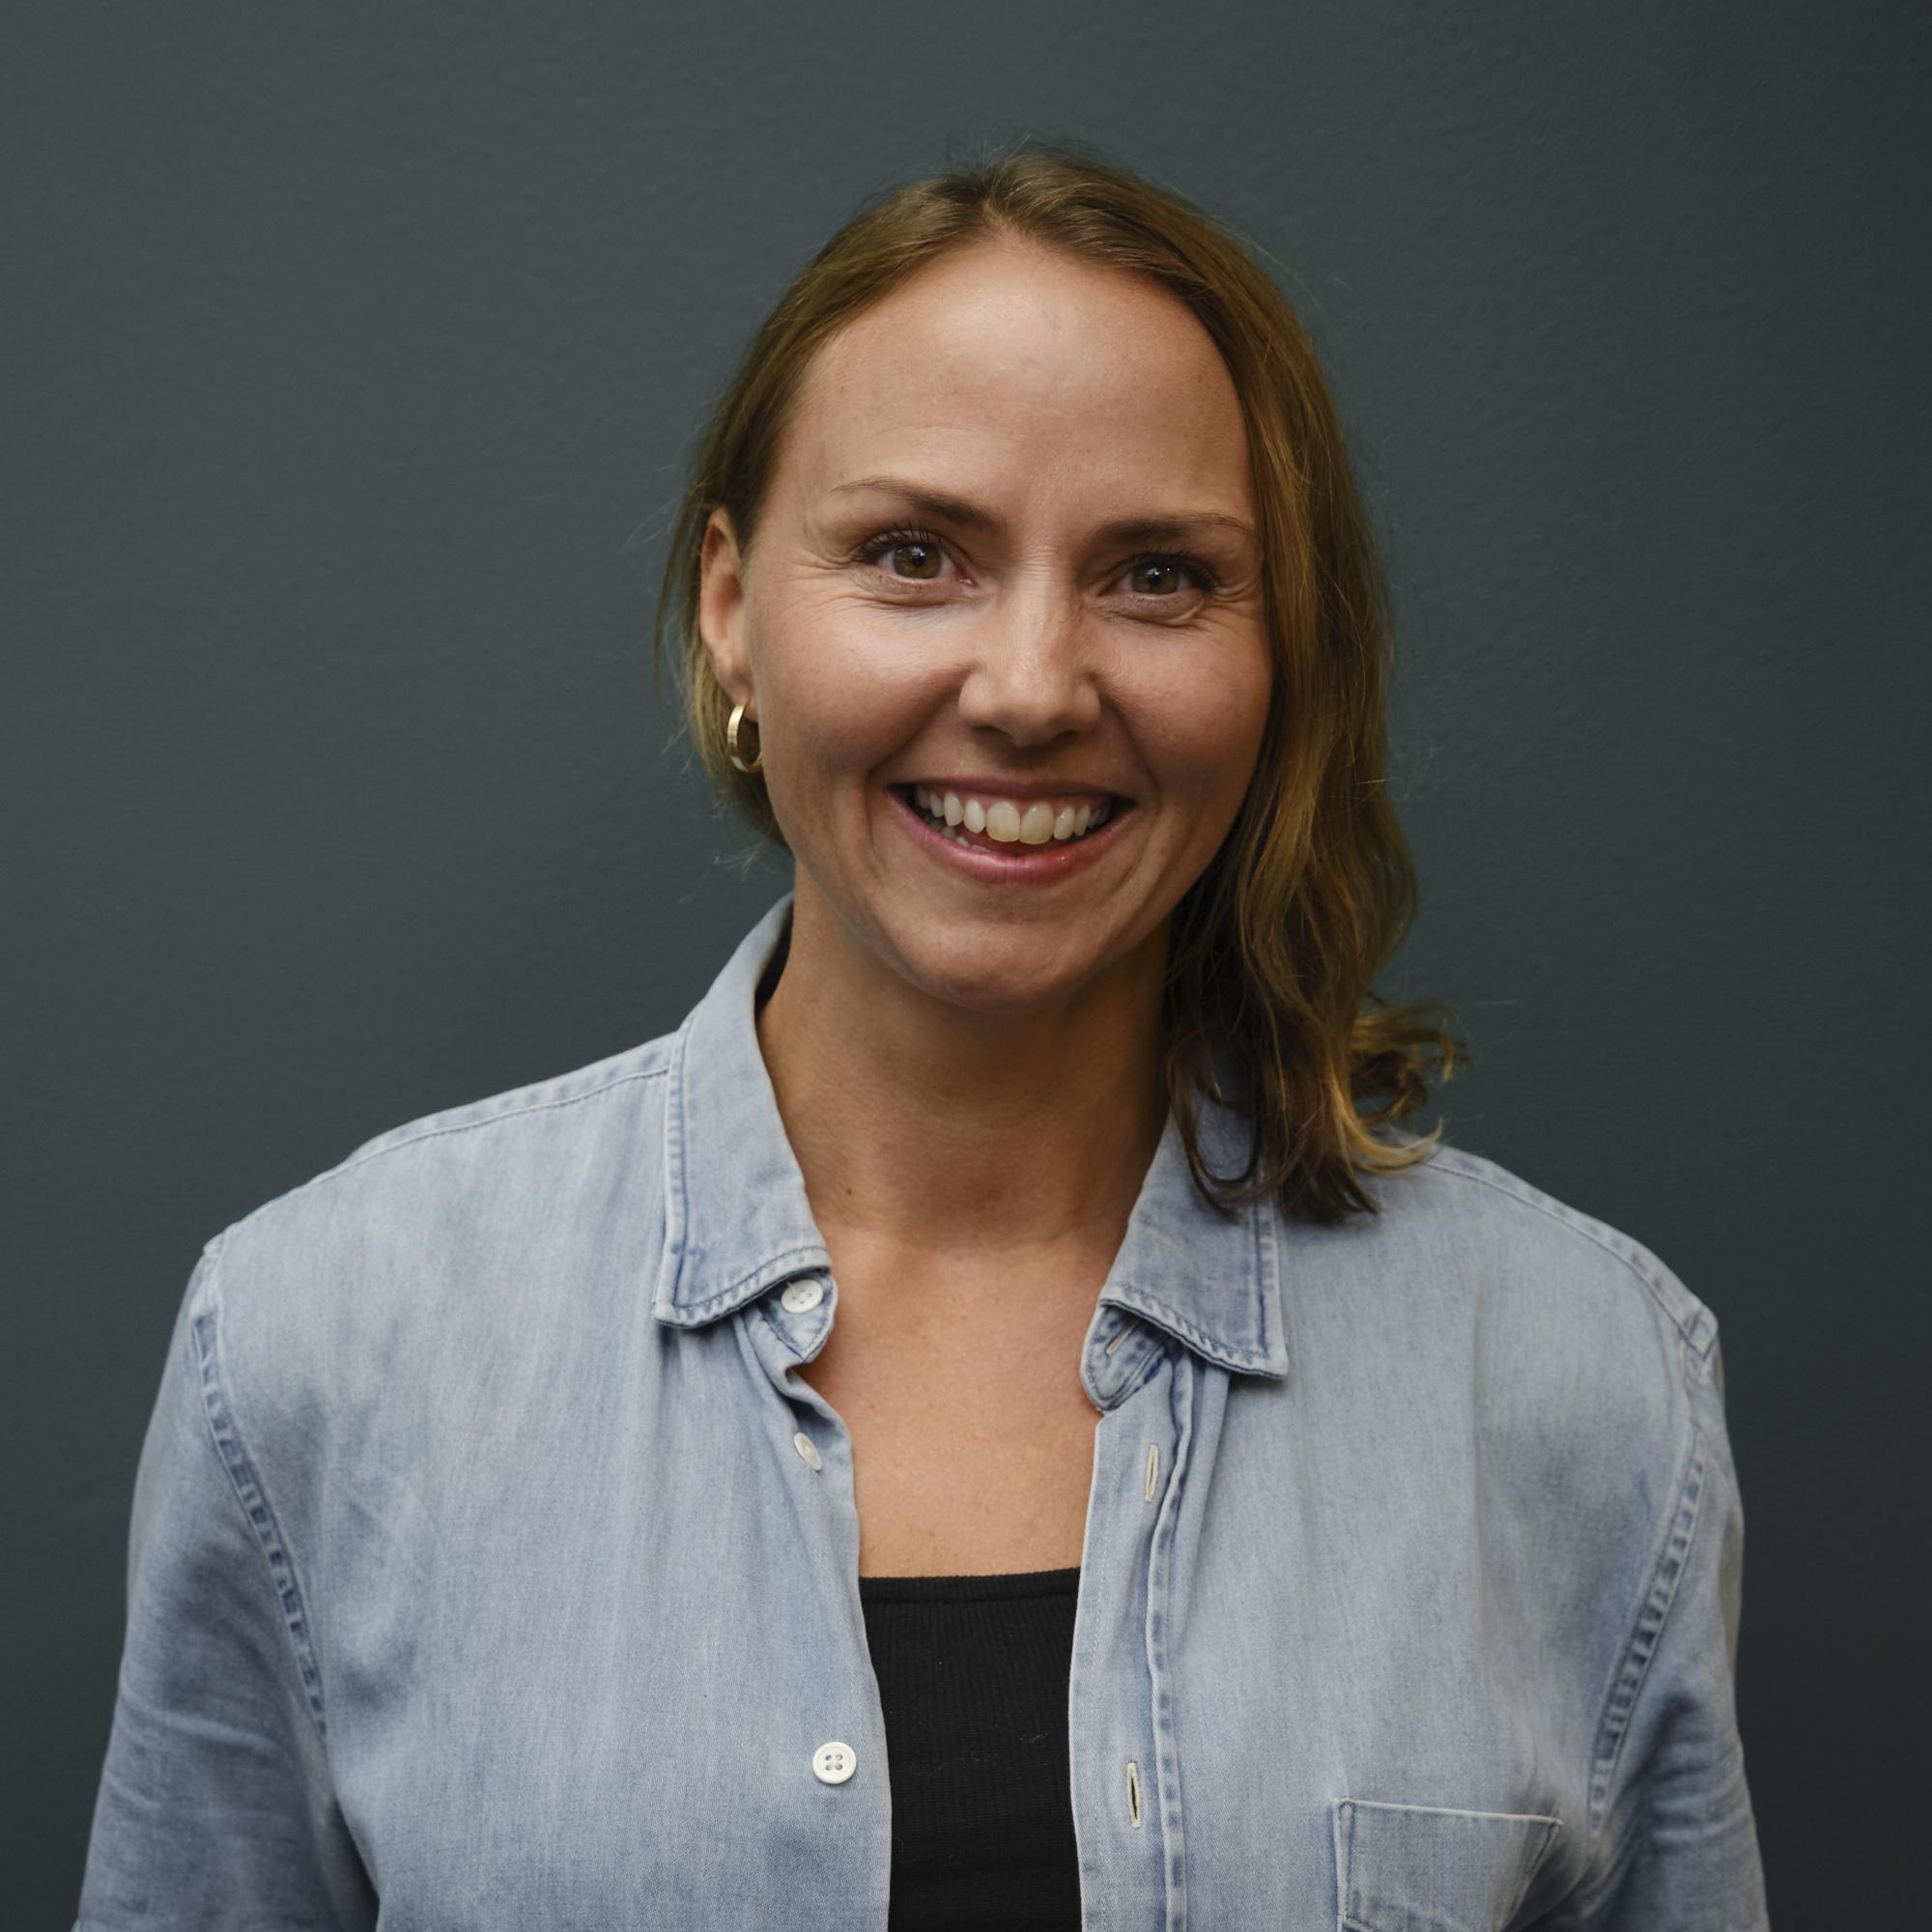 Ingeborg Sofie Nakken